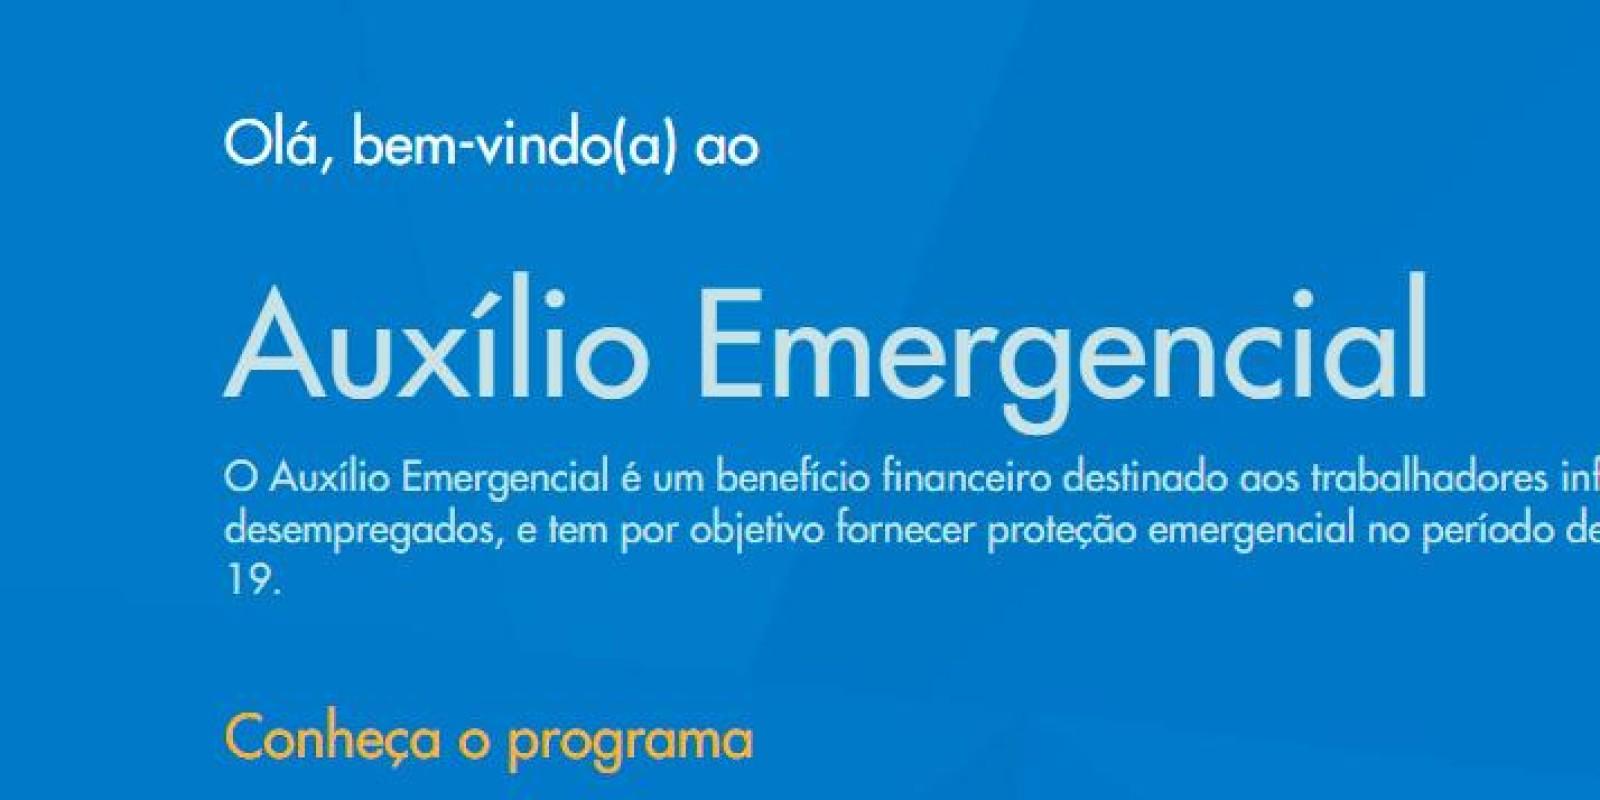 Auxílio emergencial de R$ 600 já pode ser solicitado